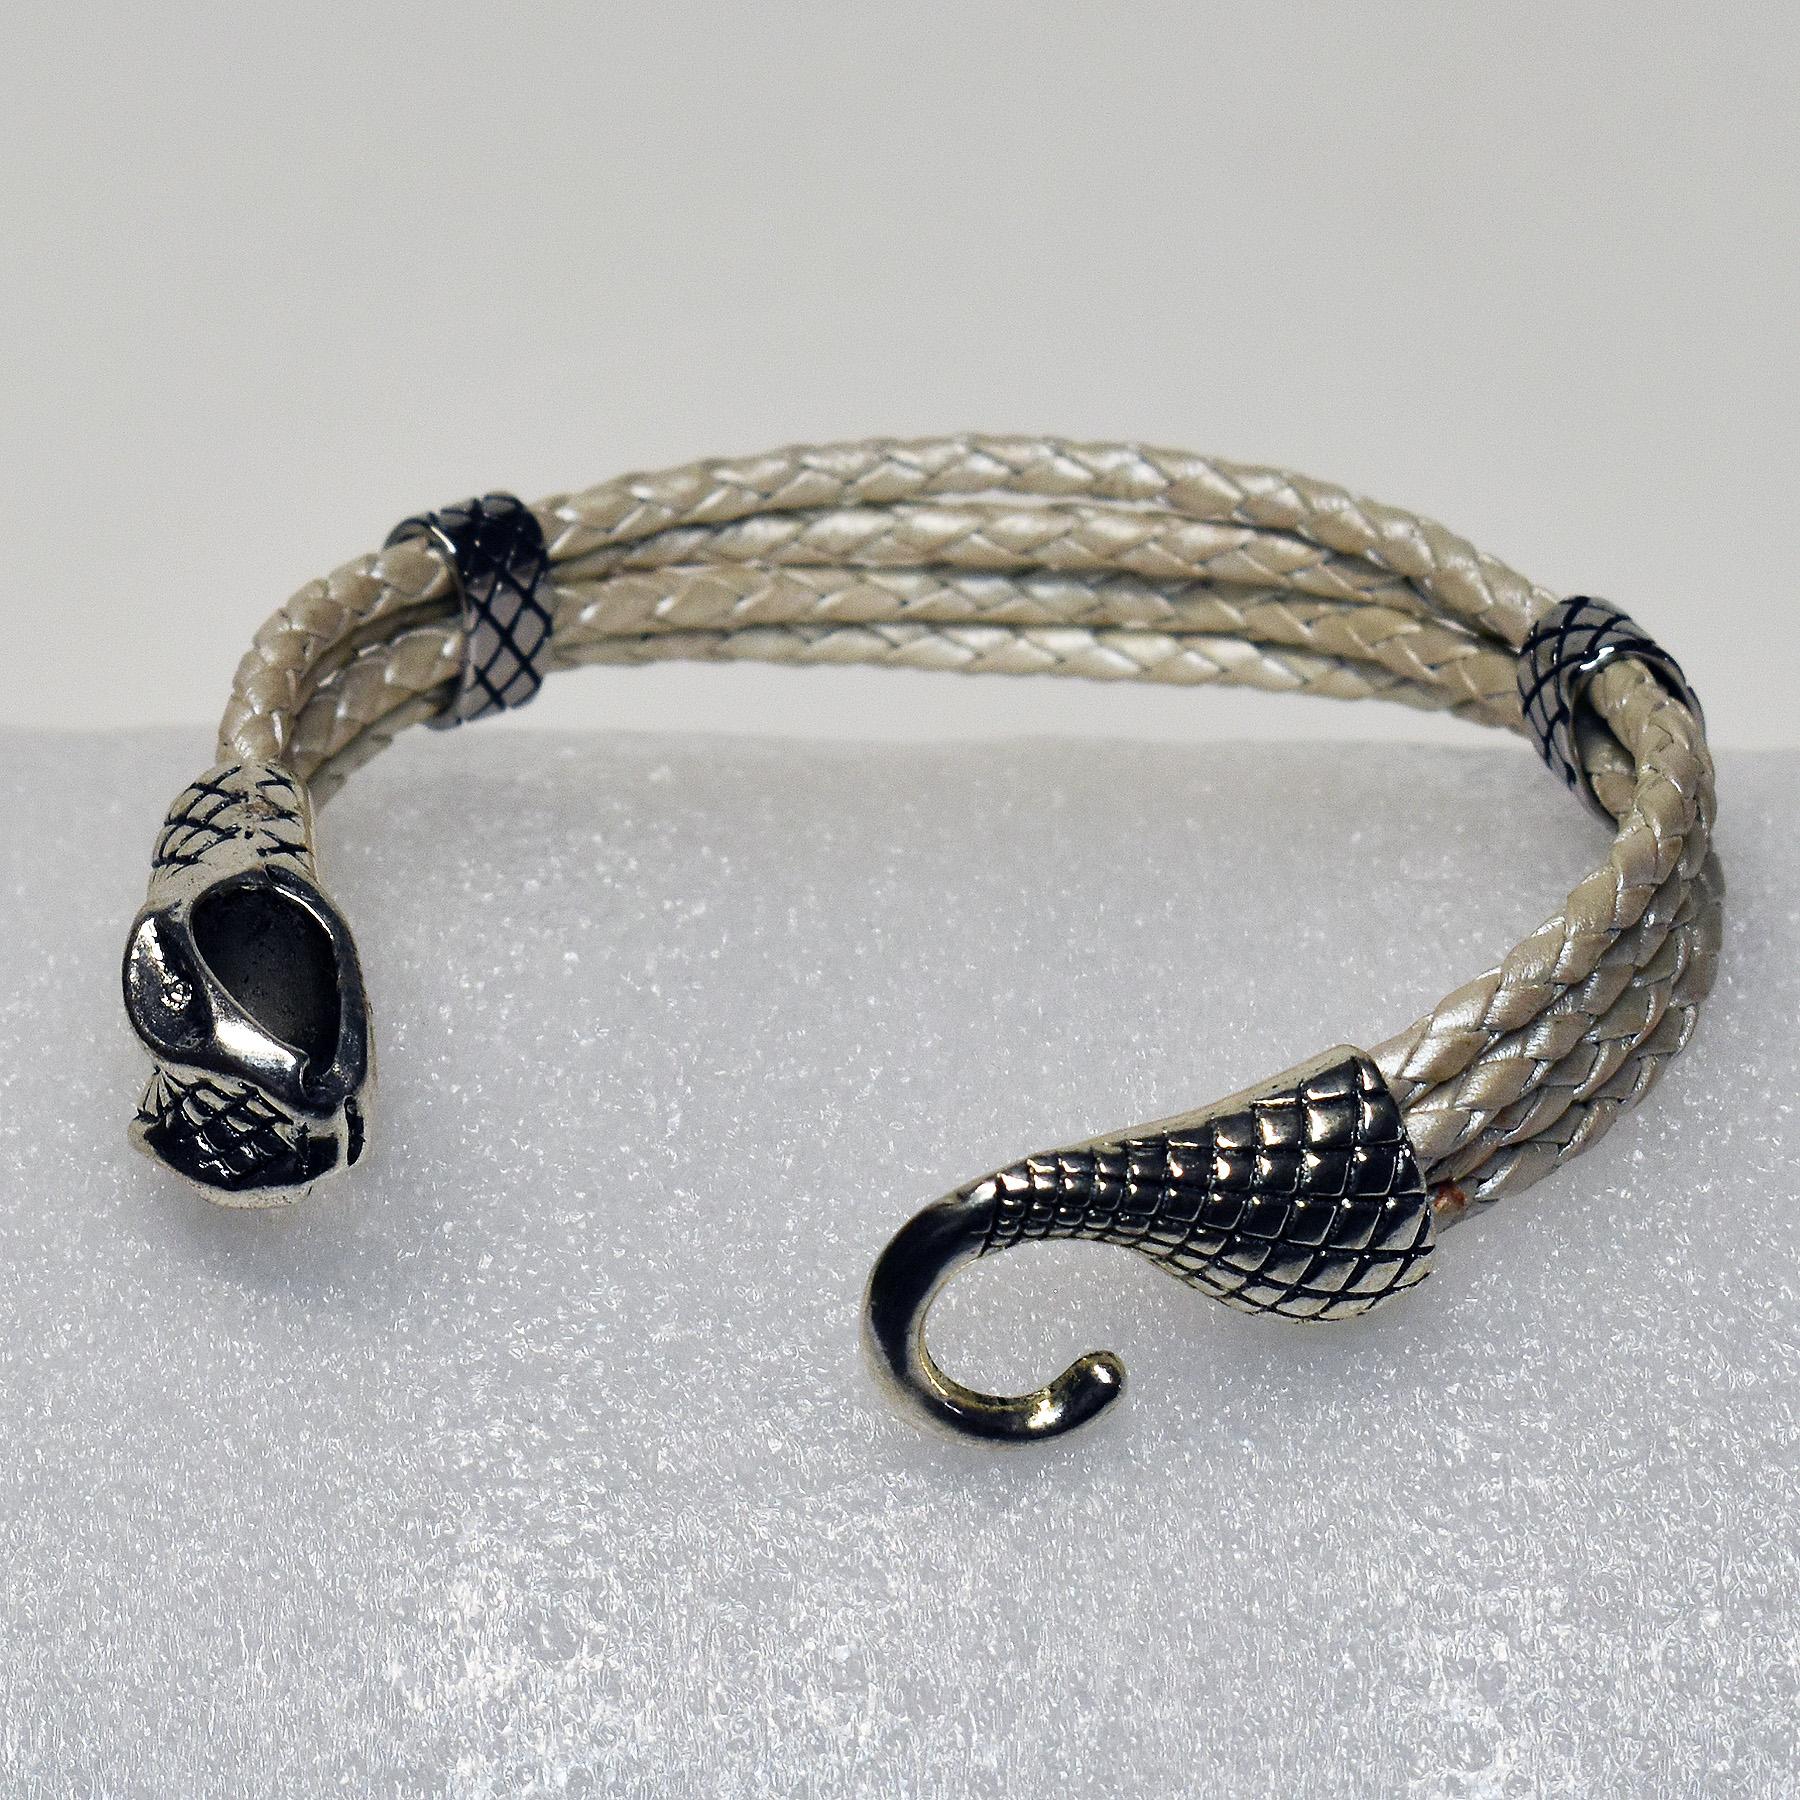 JekylsHydes_Bracelets__0013_011D